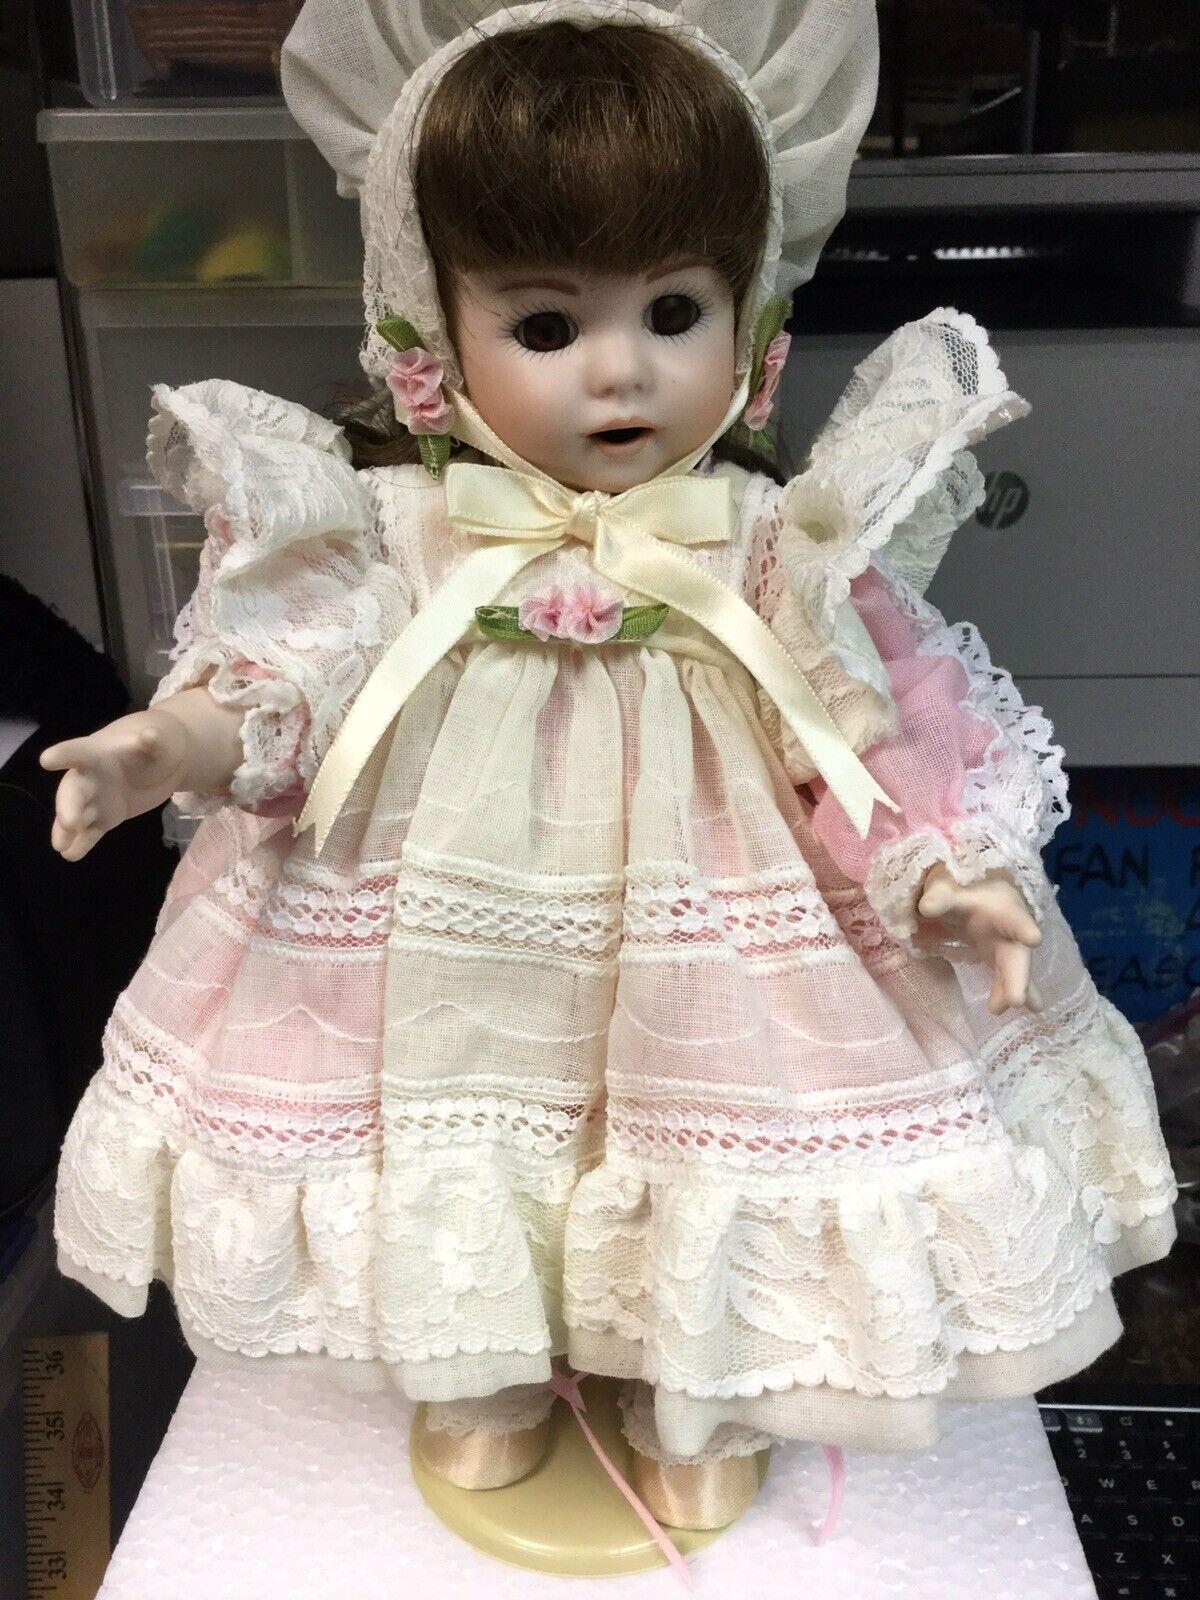 S F B J 247 Doll